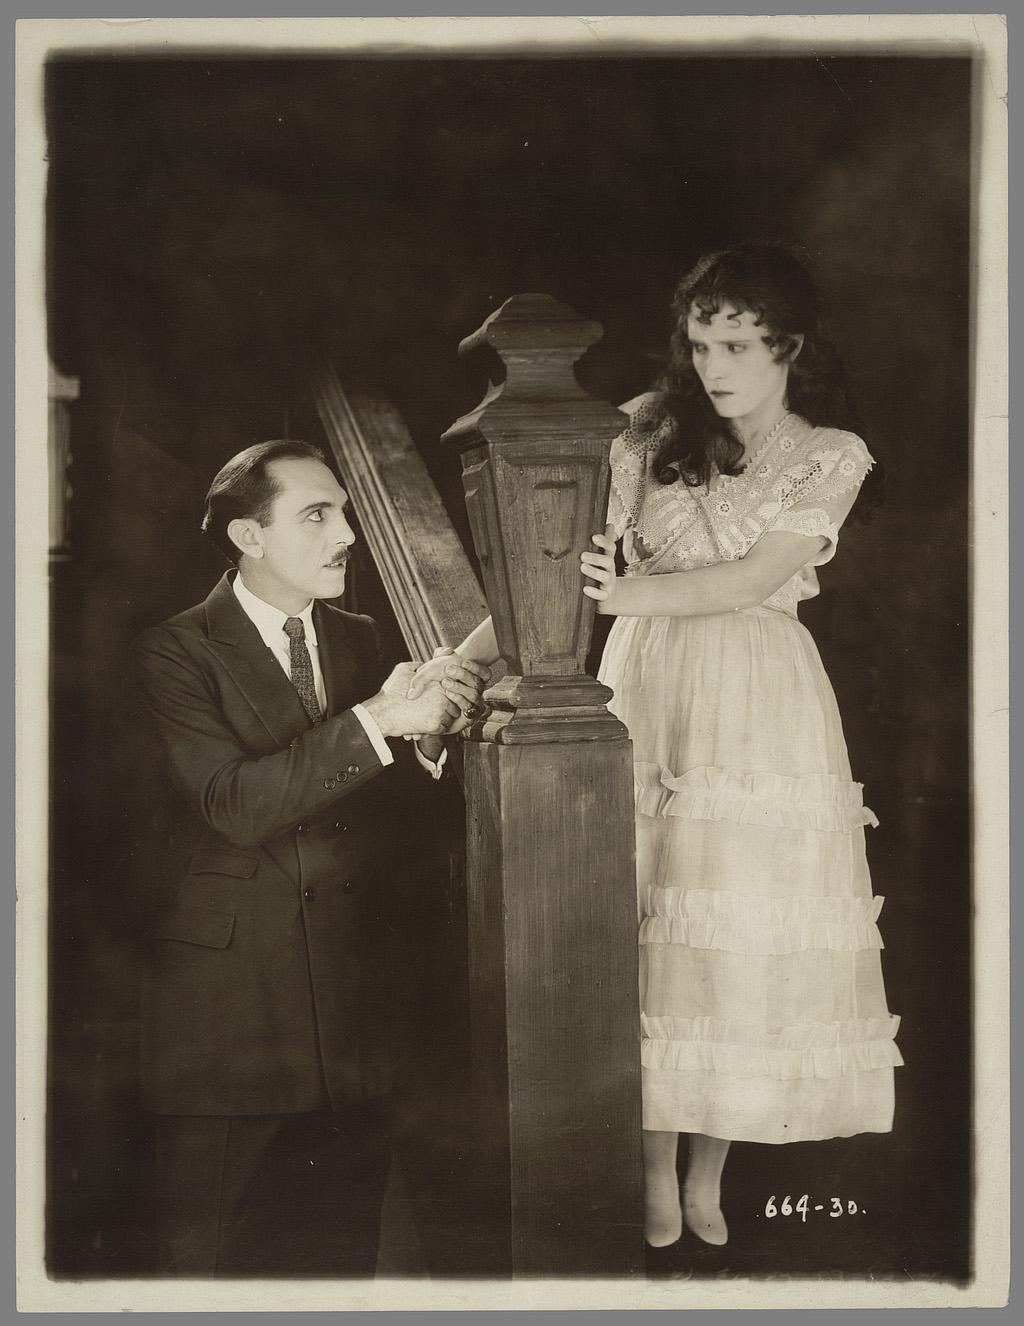 William C. Dowlan, Irish Eyes. Coll. Cinémathèque française. D.R. On notera la talle très haute pour un buste très court.